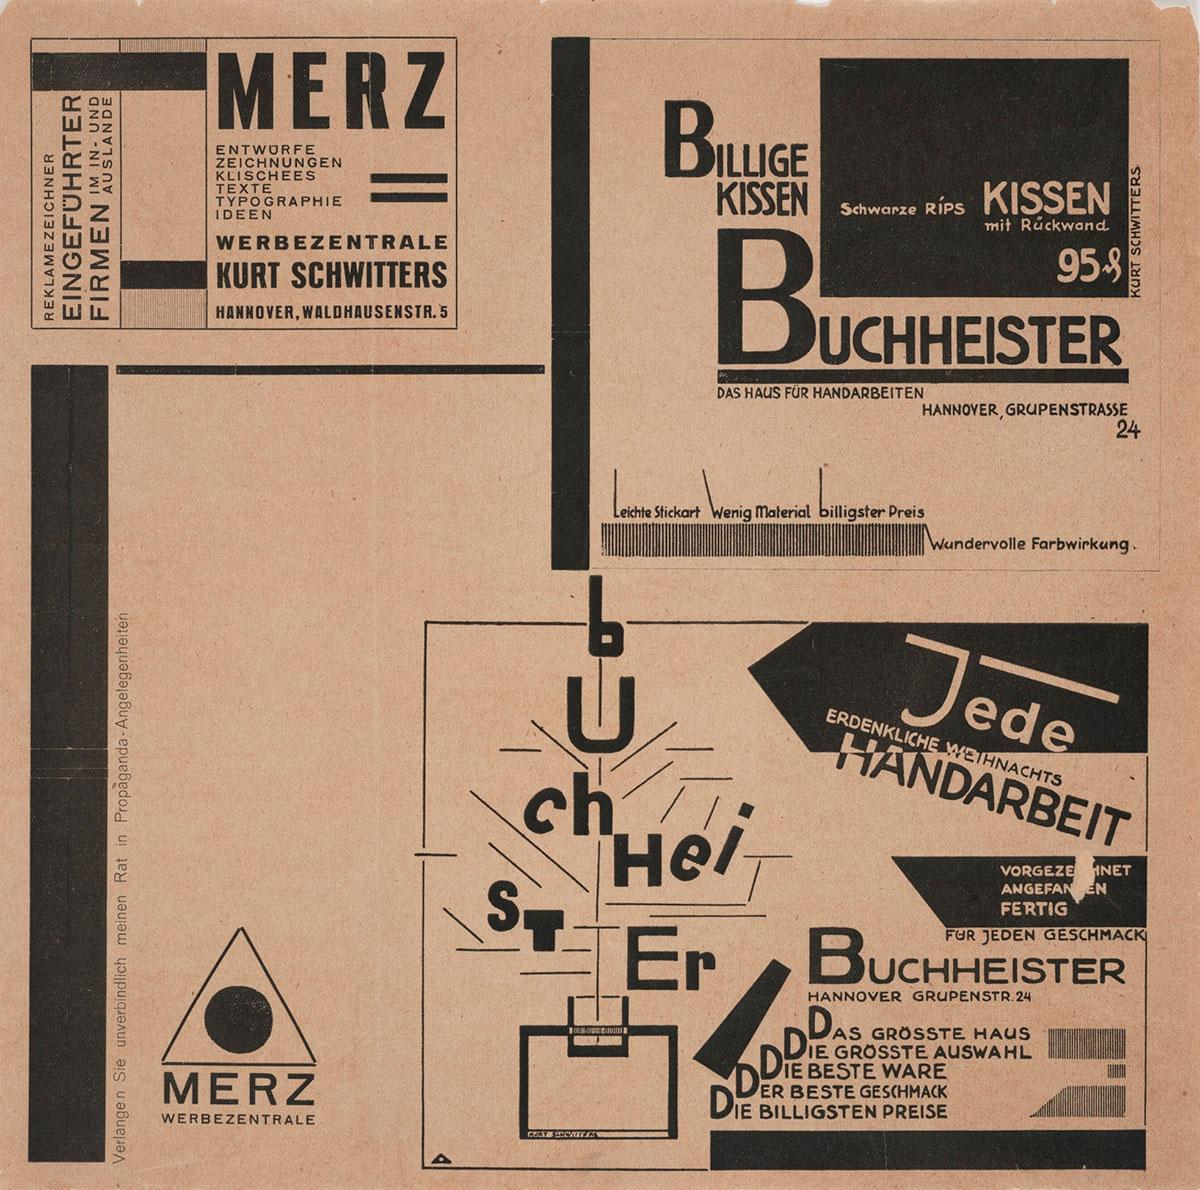 Kurt-Schwitters-Merz-1926-27